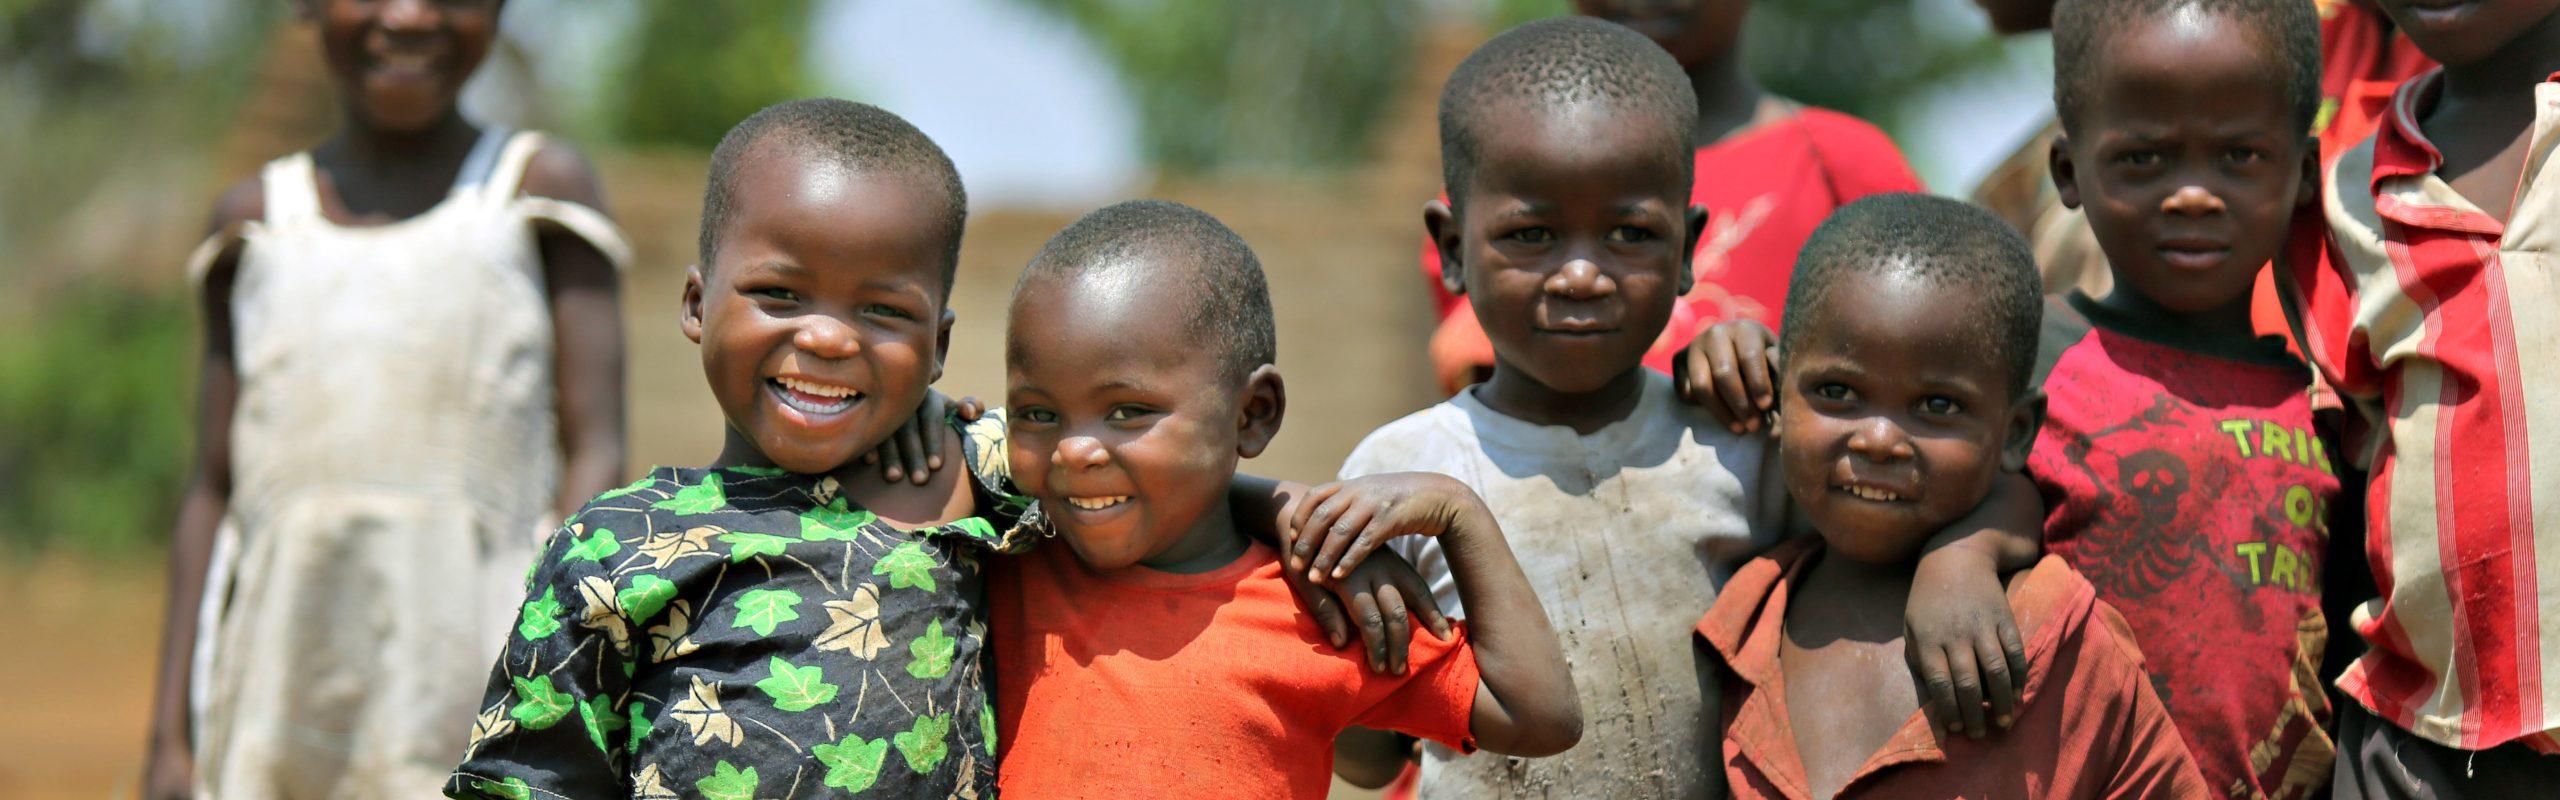 Aktuelle Projekte in Afrika